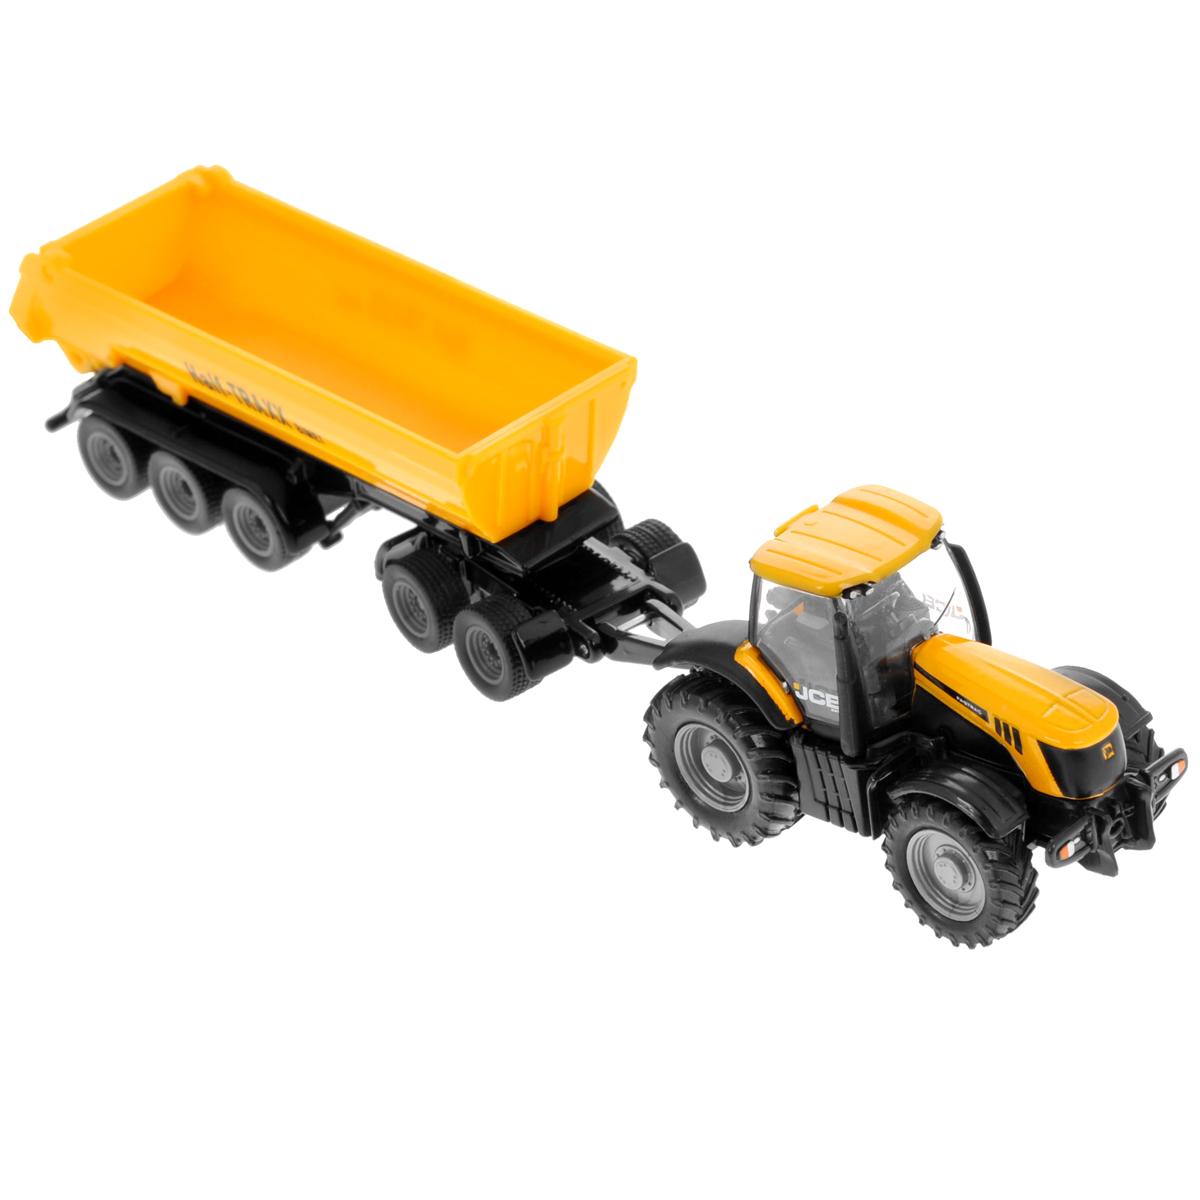 Siku Трактор JCB 8250 с прицепом-кузовом1858Коллекционная модель Siku Трактор с прицепом-кузовом выполнена в виде точной копии трактора с прицепом в масштабе 1/87. Такая модель понравится не только ребенку, но и взрослому коллекционеру и приятно удивит вас высочайшим качеством исполнения. Корпус трактора и шасси прицепов выполнены из металла, кузов прицепа и кабина трактора из пластика, а стекла кабины трактора из прозрачного пластика. Прицеп кузова прицепляется к трактору с помощью дополнительного прицепа с седельным сцепным устройством. Кабина трактора снимается. Кузов прицепа опрокидывается для выгрузки, задний борт прицепа открывается. Колесики модели вращаются. Коллекционная модель отличается великолепным качеством исполнения и детальной проработкой, она станет не только интересной игрушкой для ребенка, интересующегося агротехникой, но и займет достойное место в коллекции.